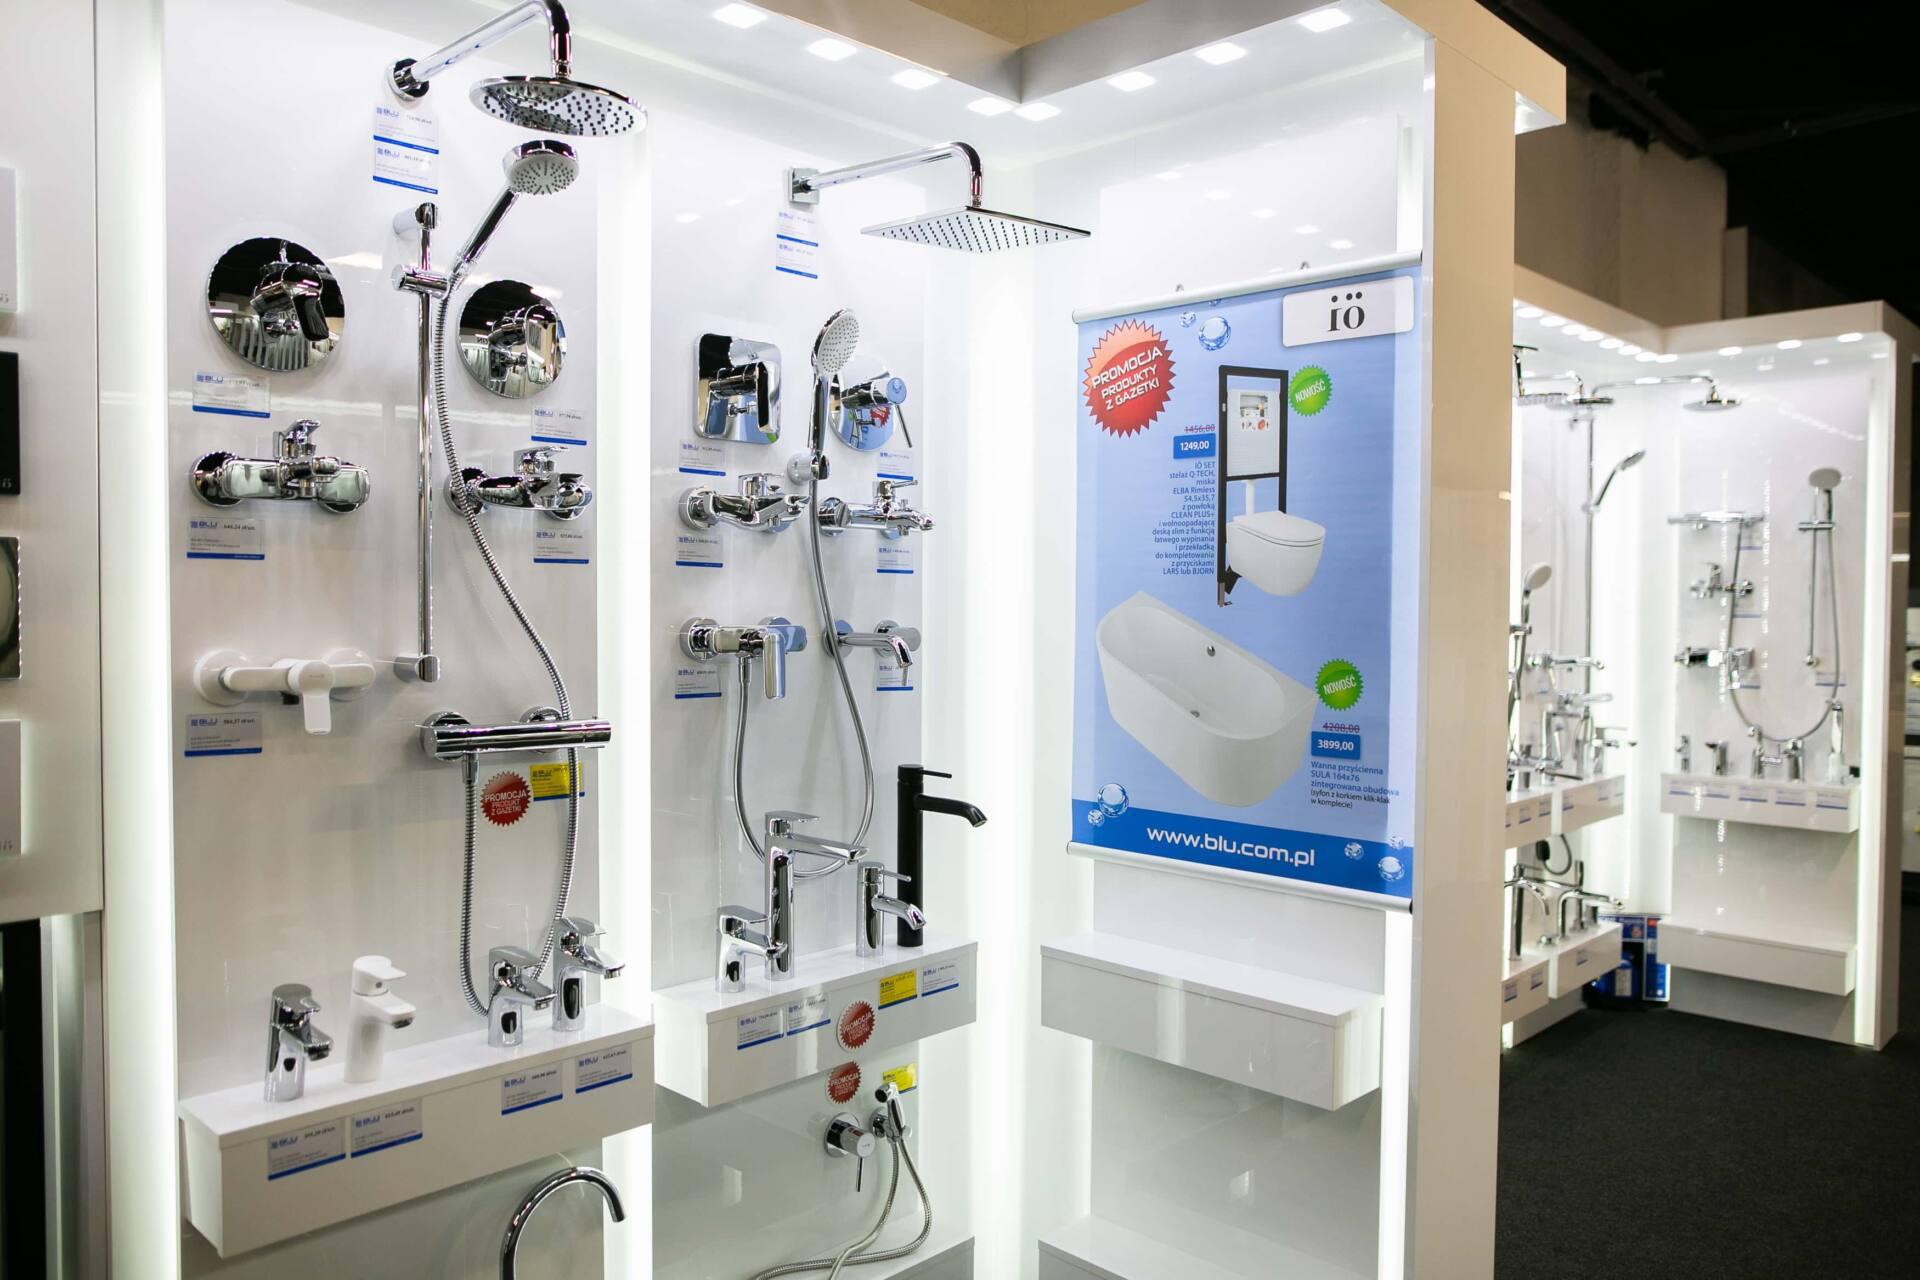 5db 5566 Nowy salon łazienek BLU w Zamościu już otwarty! Publikujemy 80 zdjęć